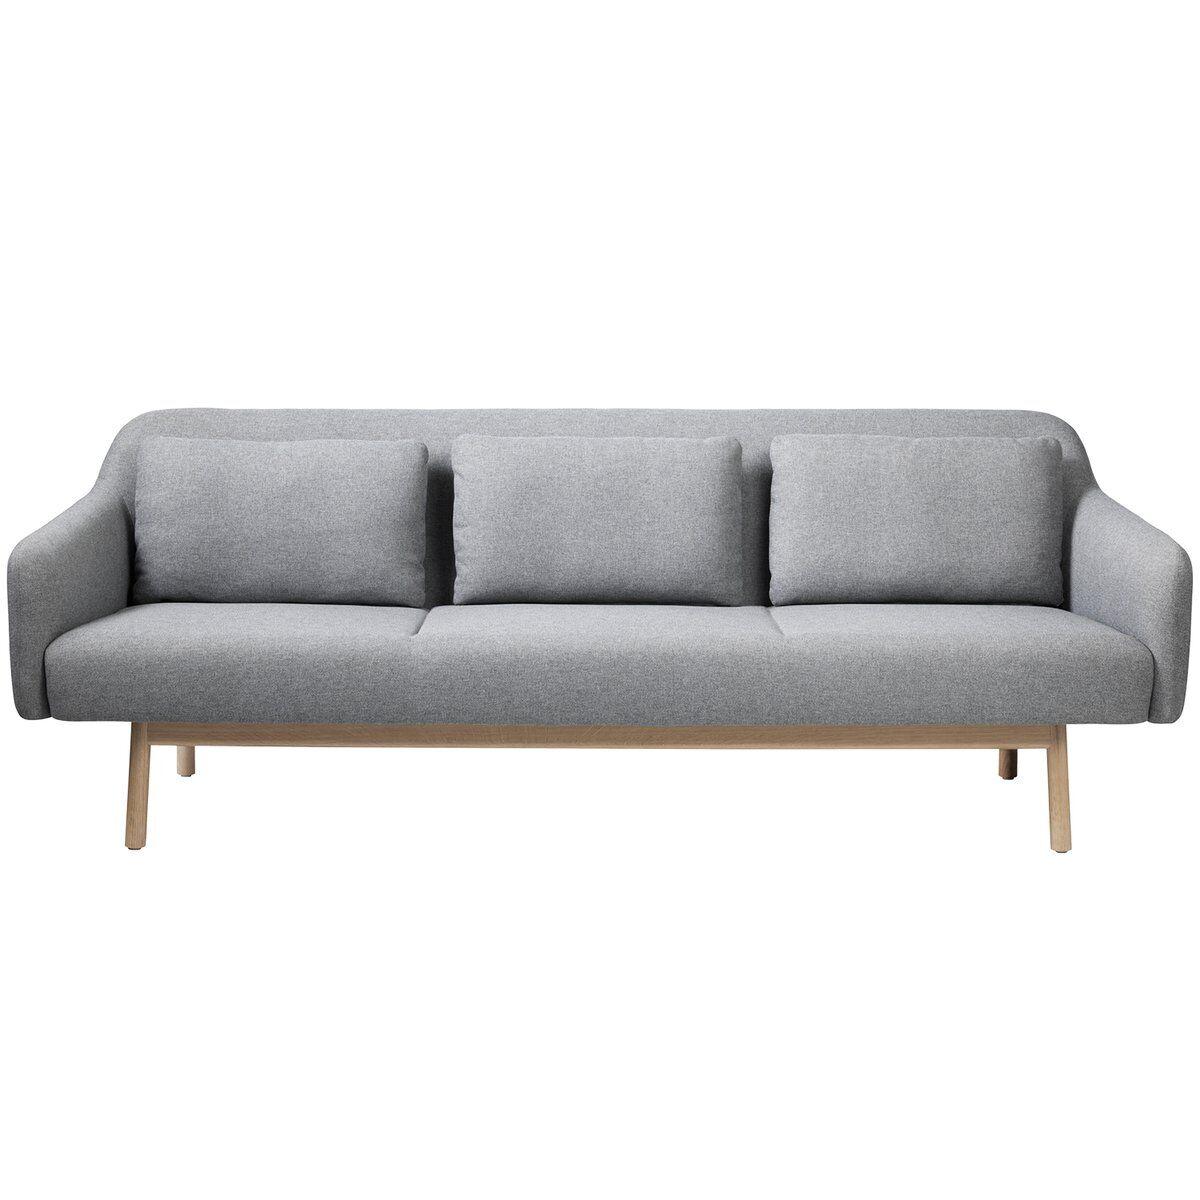 FDB M�bler L34 Gesja sohva, 3-istuttava, vaaleanharmaa